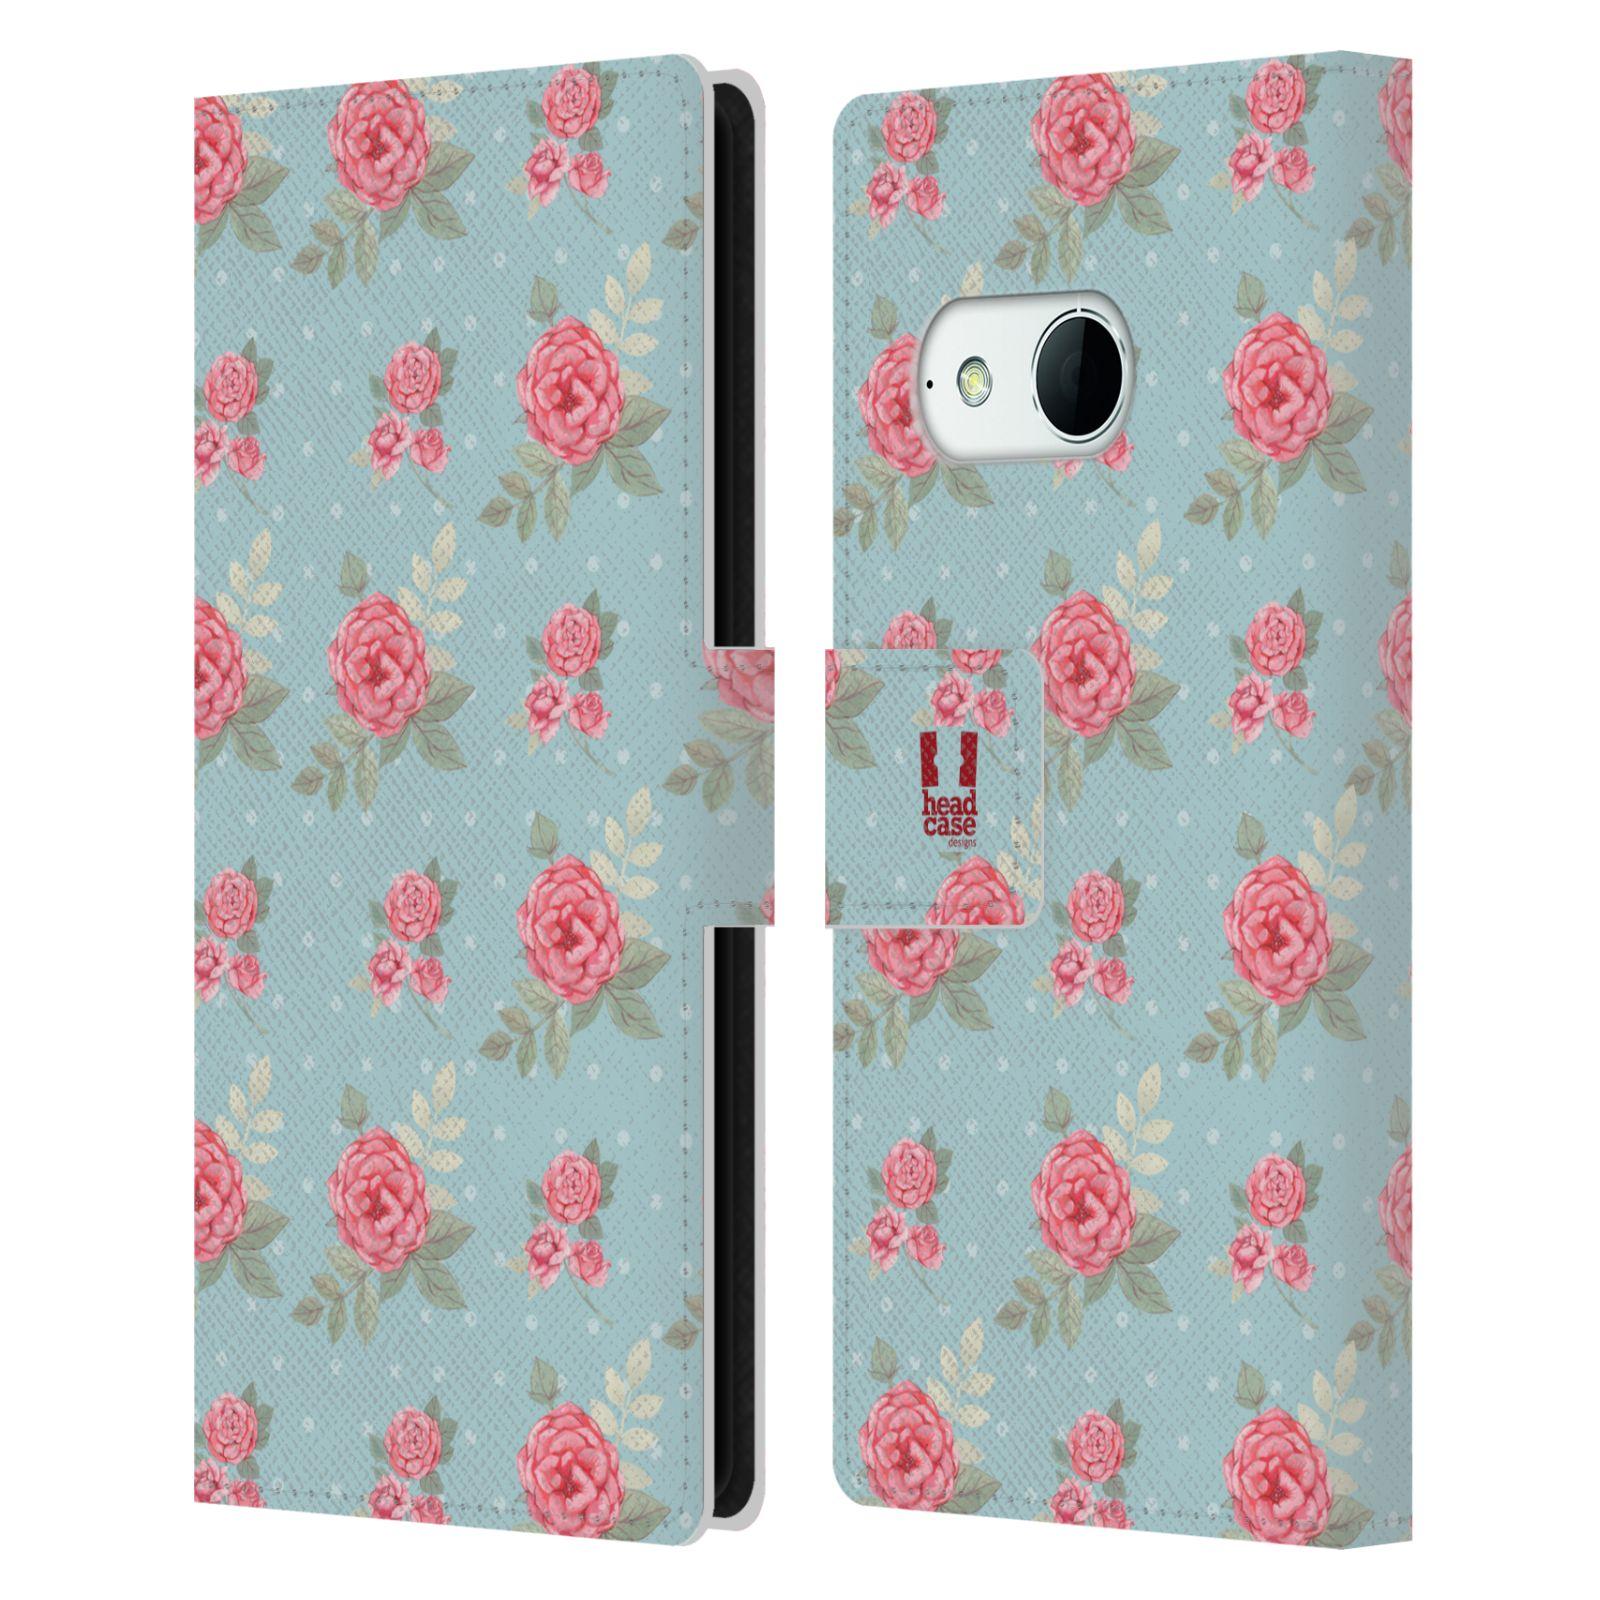 HEAD CASE Flipové pouzdro pro mobil HTC ONE MINI 2 (M8) romantické květy anglické růže modrá a růžová